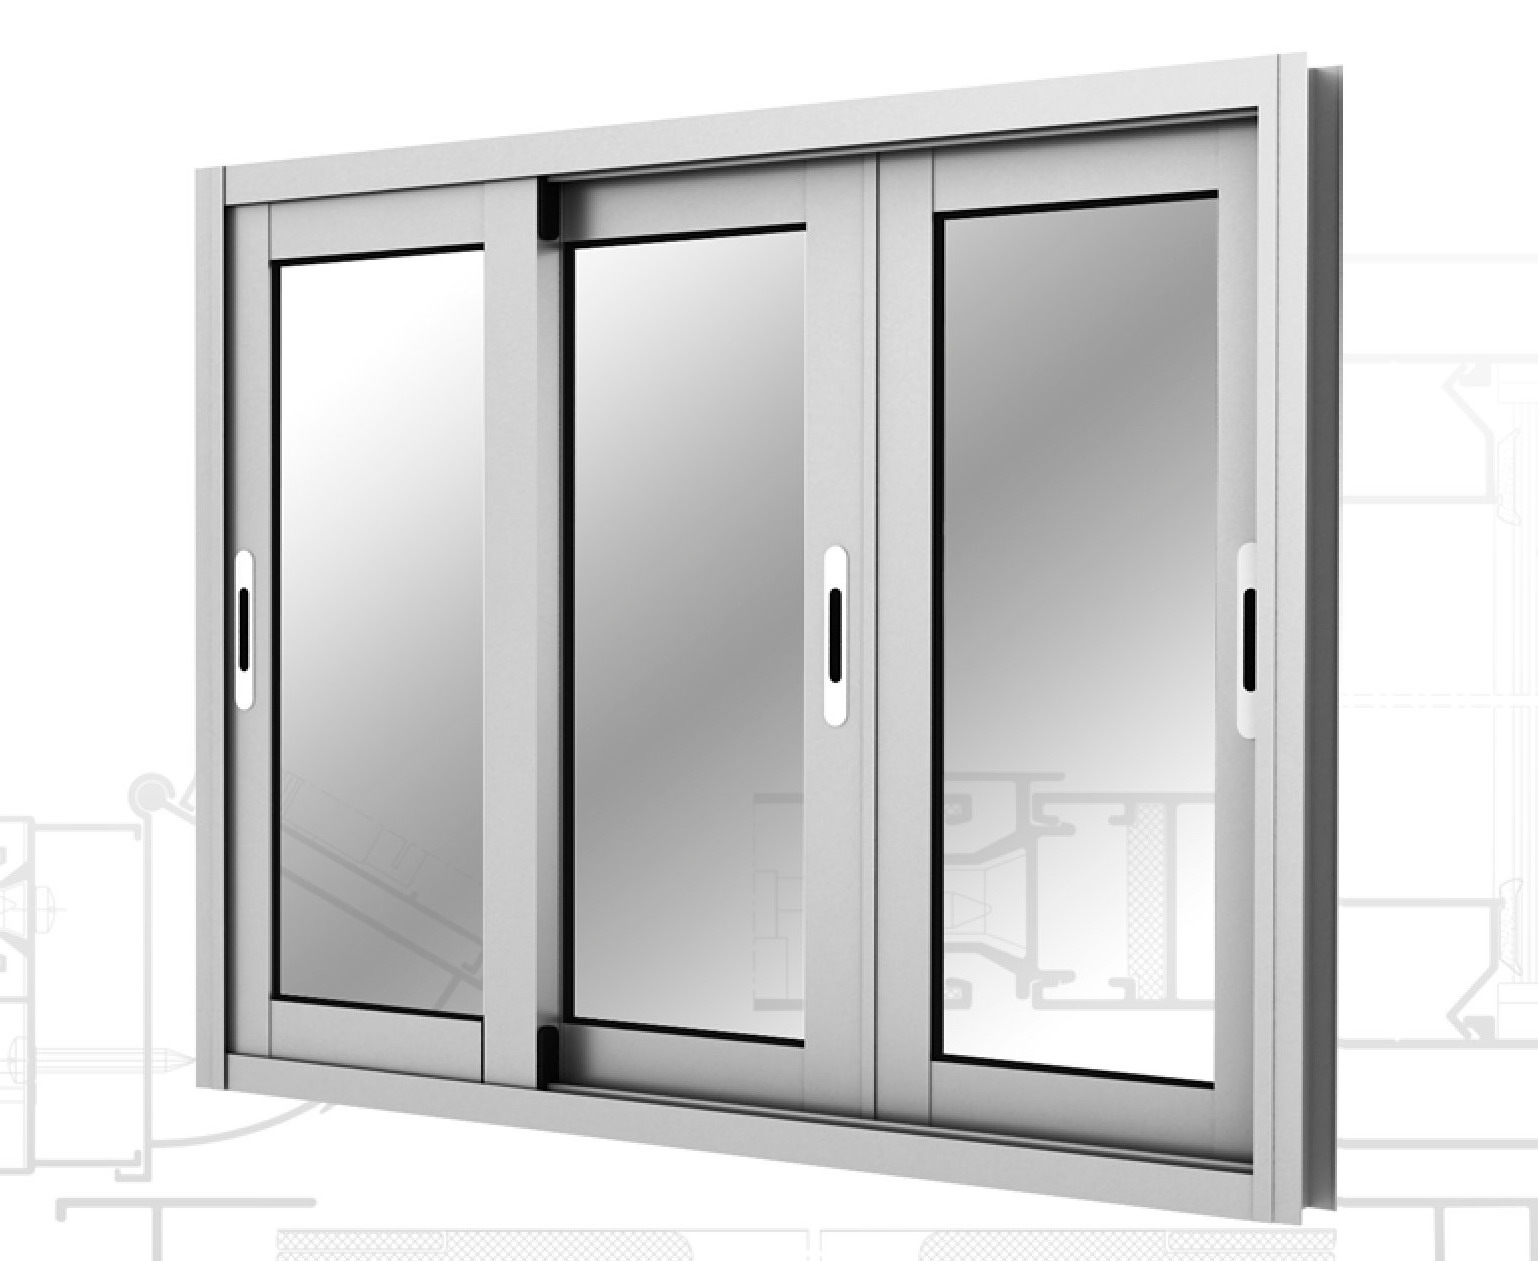 Окна раздвижные алюминиевые